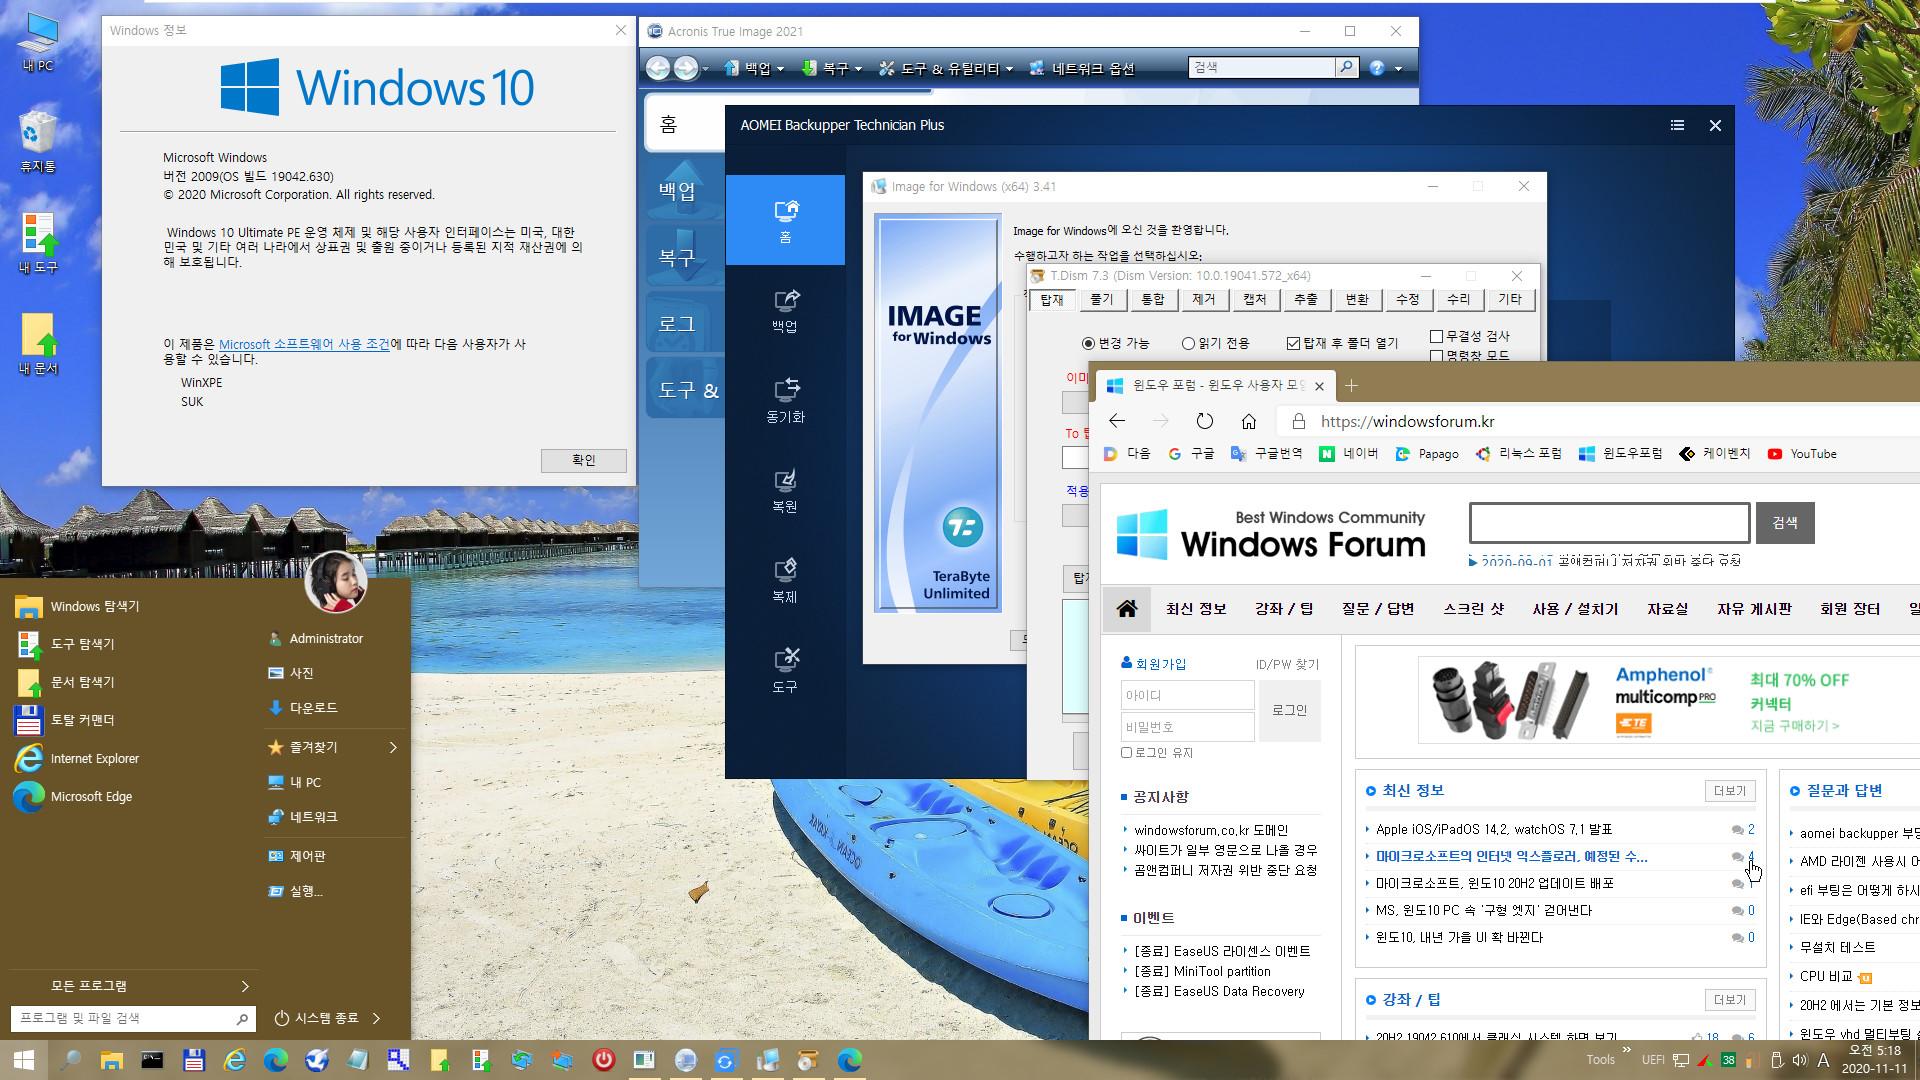 2020-11-11 수요일 정기 업데이트 통합 PRO x64 2개 - Windows 10 버전 2004 + 버전 20H2 누적 업데이트 KB4586781 (OS 빌드 19041.630 + 19042.630) - PE 만들기 테스트 2020-11-11_051811.jpg